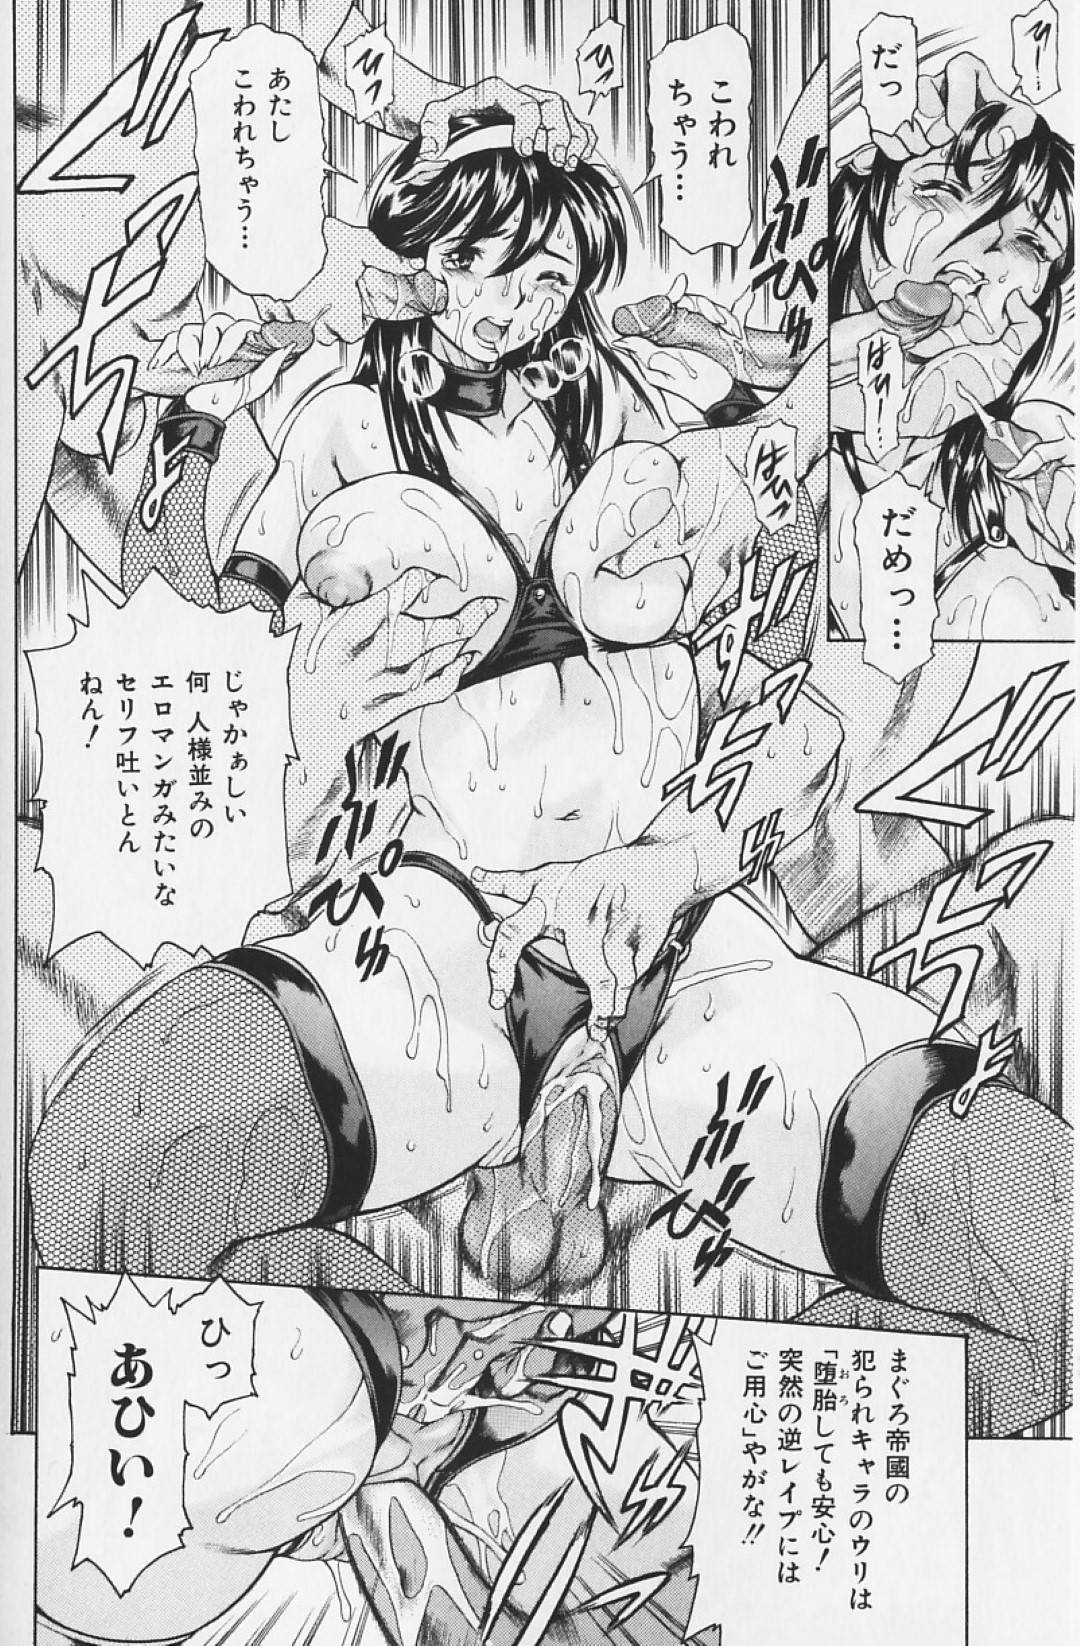 【エロ漫画】弟の風呂にビキニ姿で乱入した巨乳スレンダー姉…そんな姿を彼に欲情されてしまった彼女は